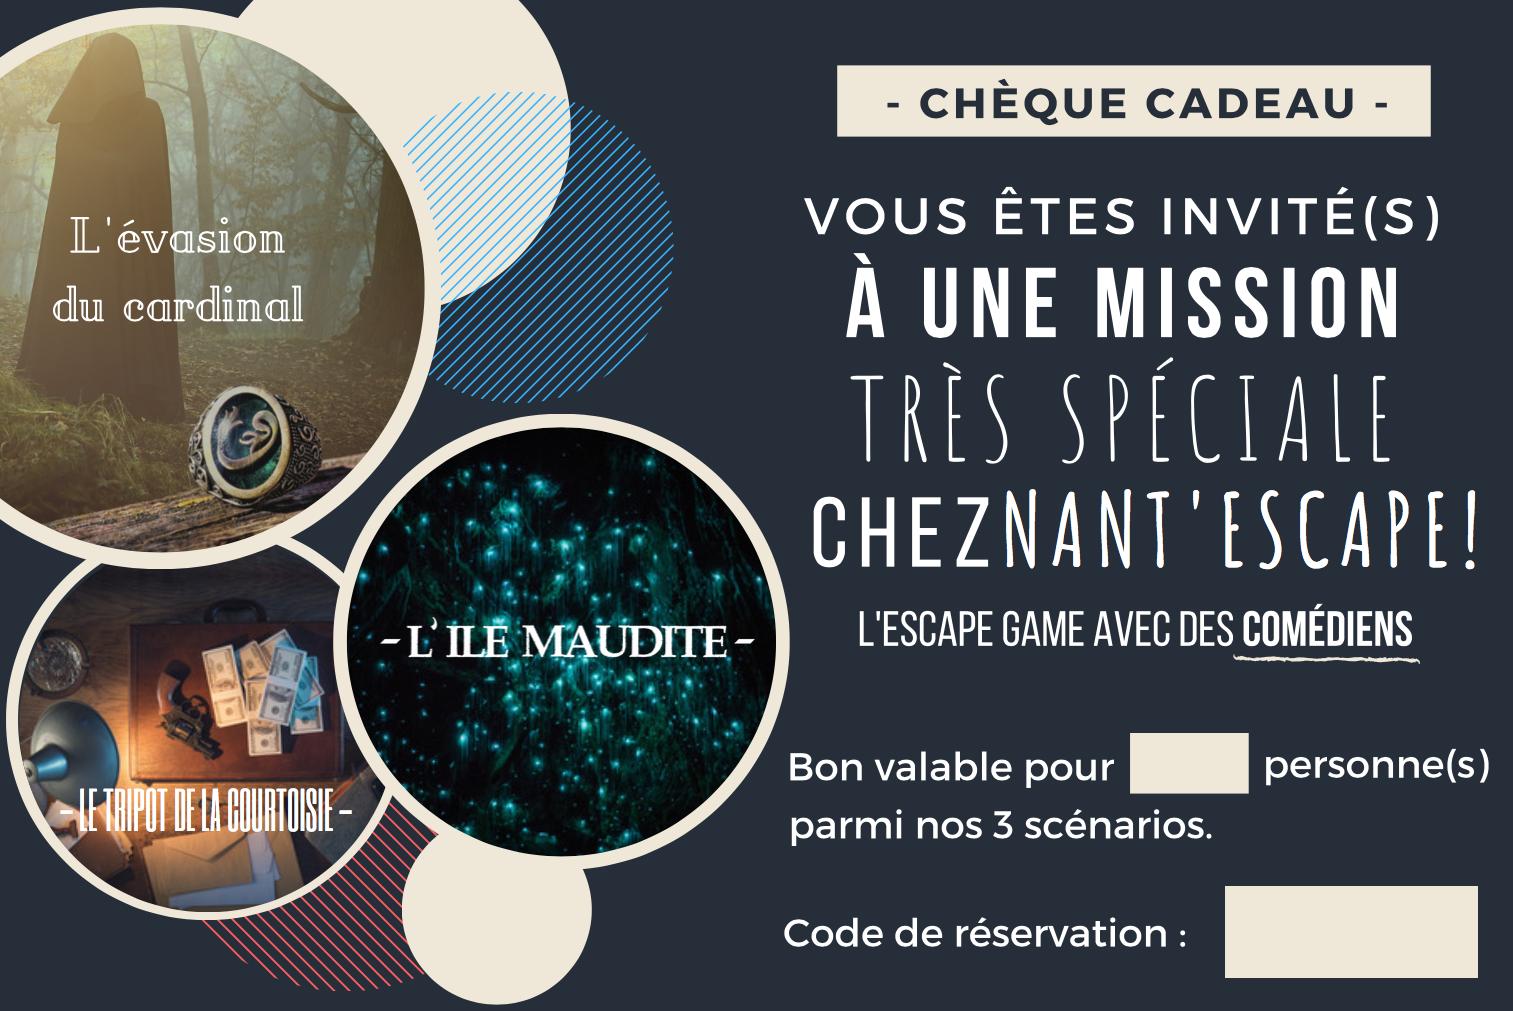 offrir - Nantes - chèque cadeau - escape game - comédiens